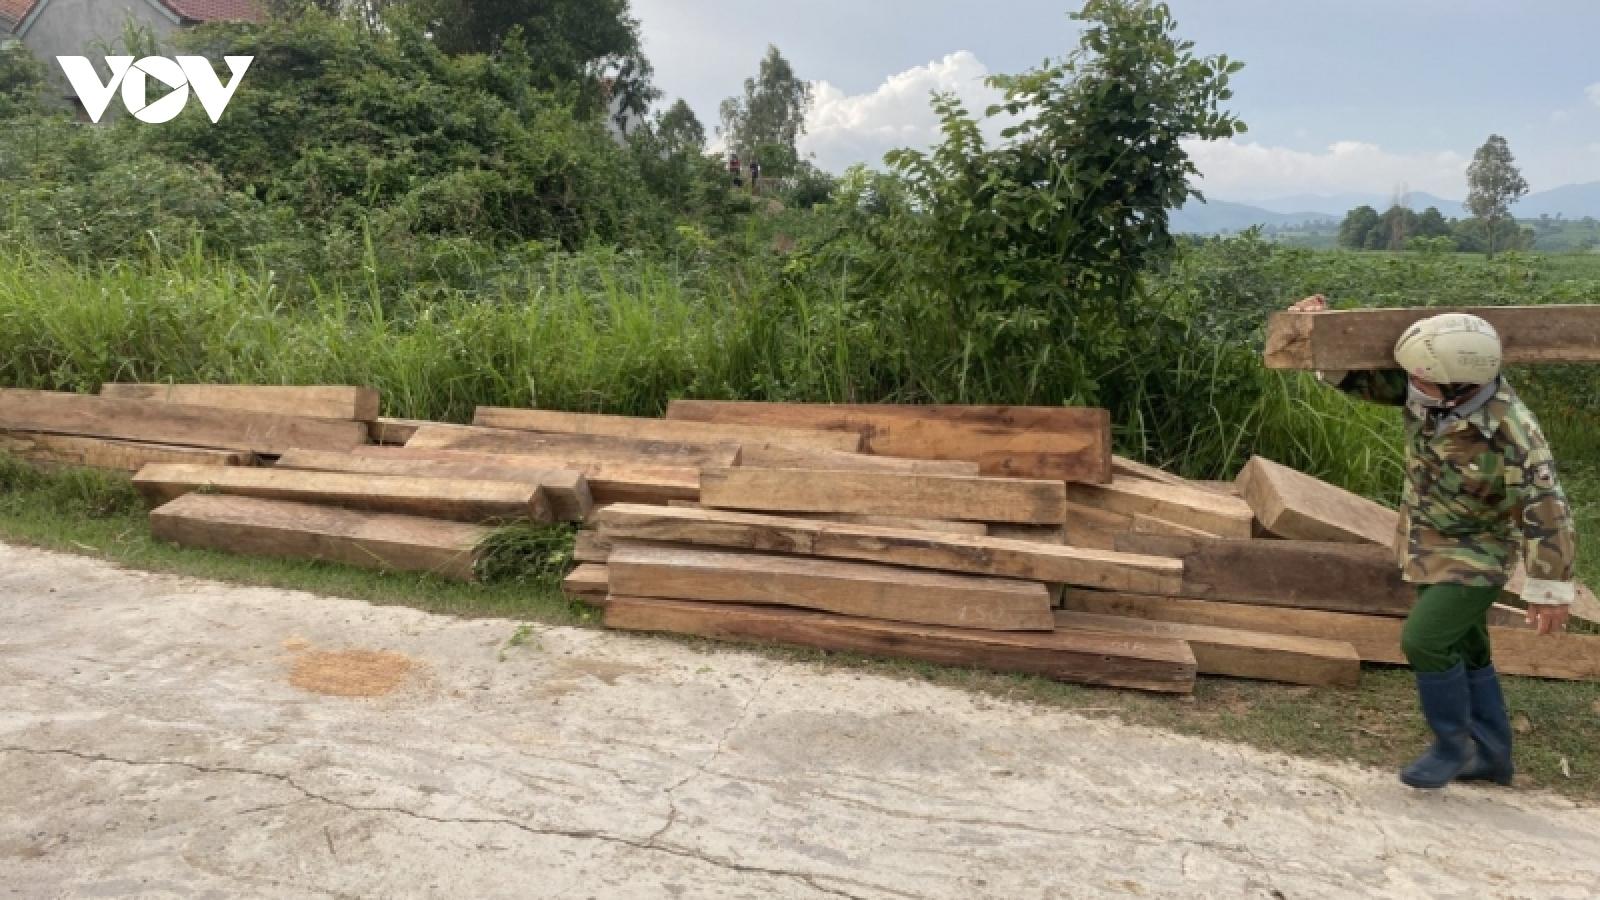 Phú Yên tạm đình chỉ công tác nhân viên bảo vệ rừng vì tàng trữ hơn 155 khúc gỗ